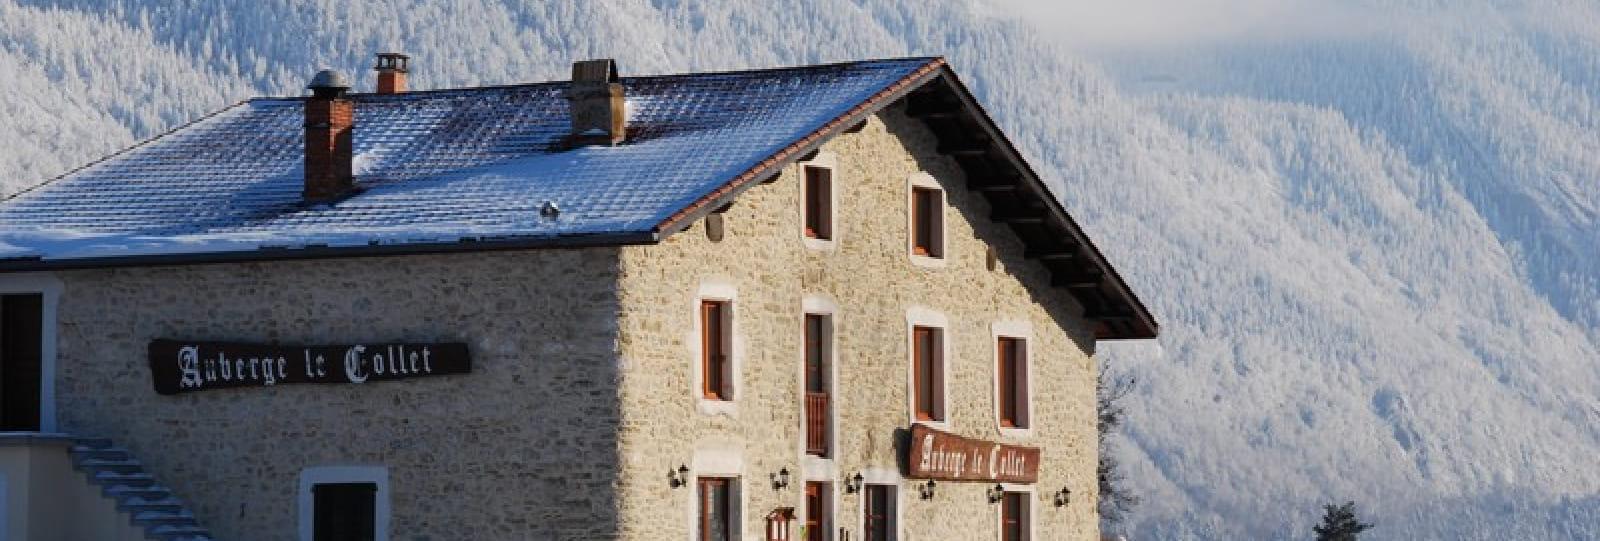 Raquettes et raclette en Vercors : agréable tête-à-tête à la montagne